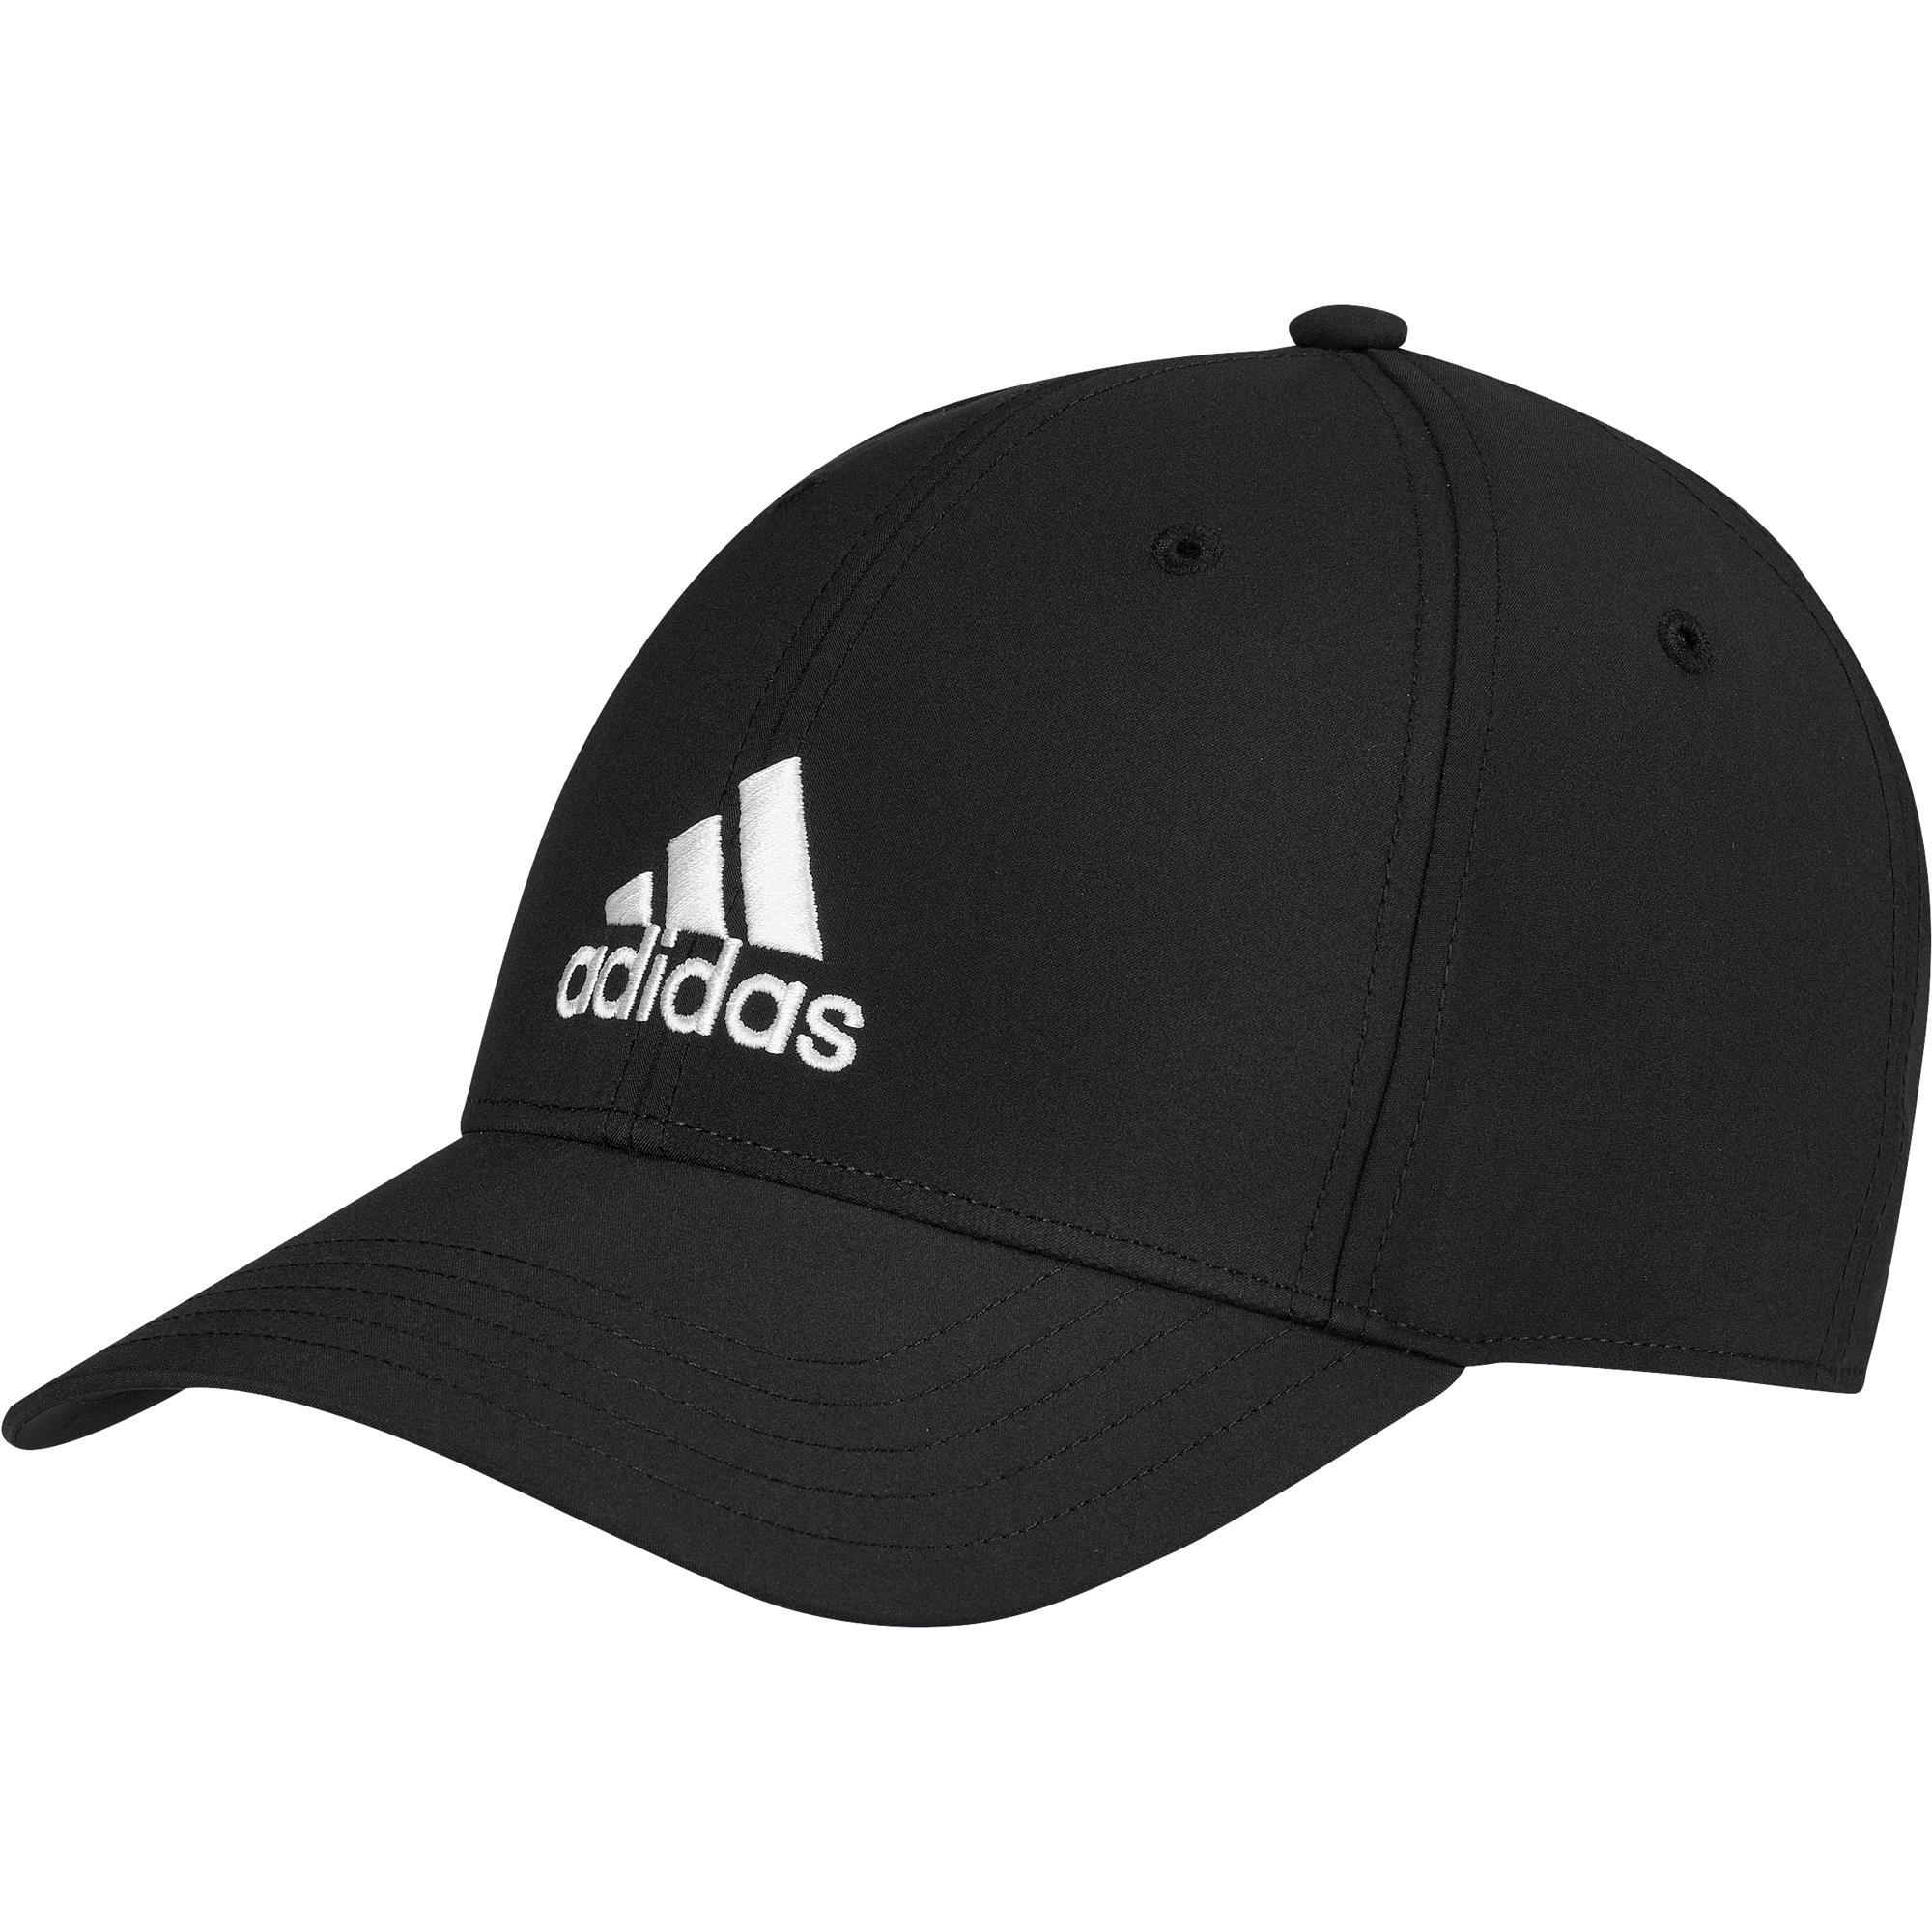 Adidas - casquette   Decathlon